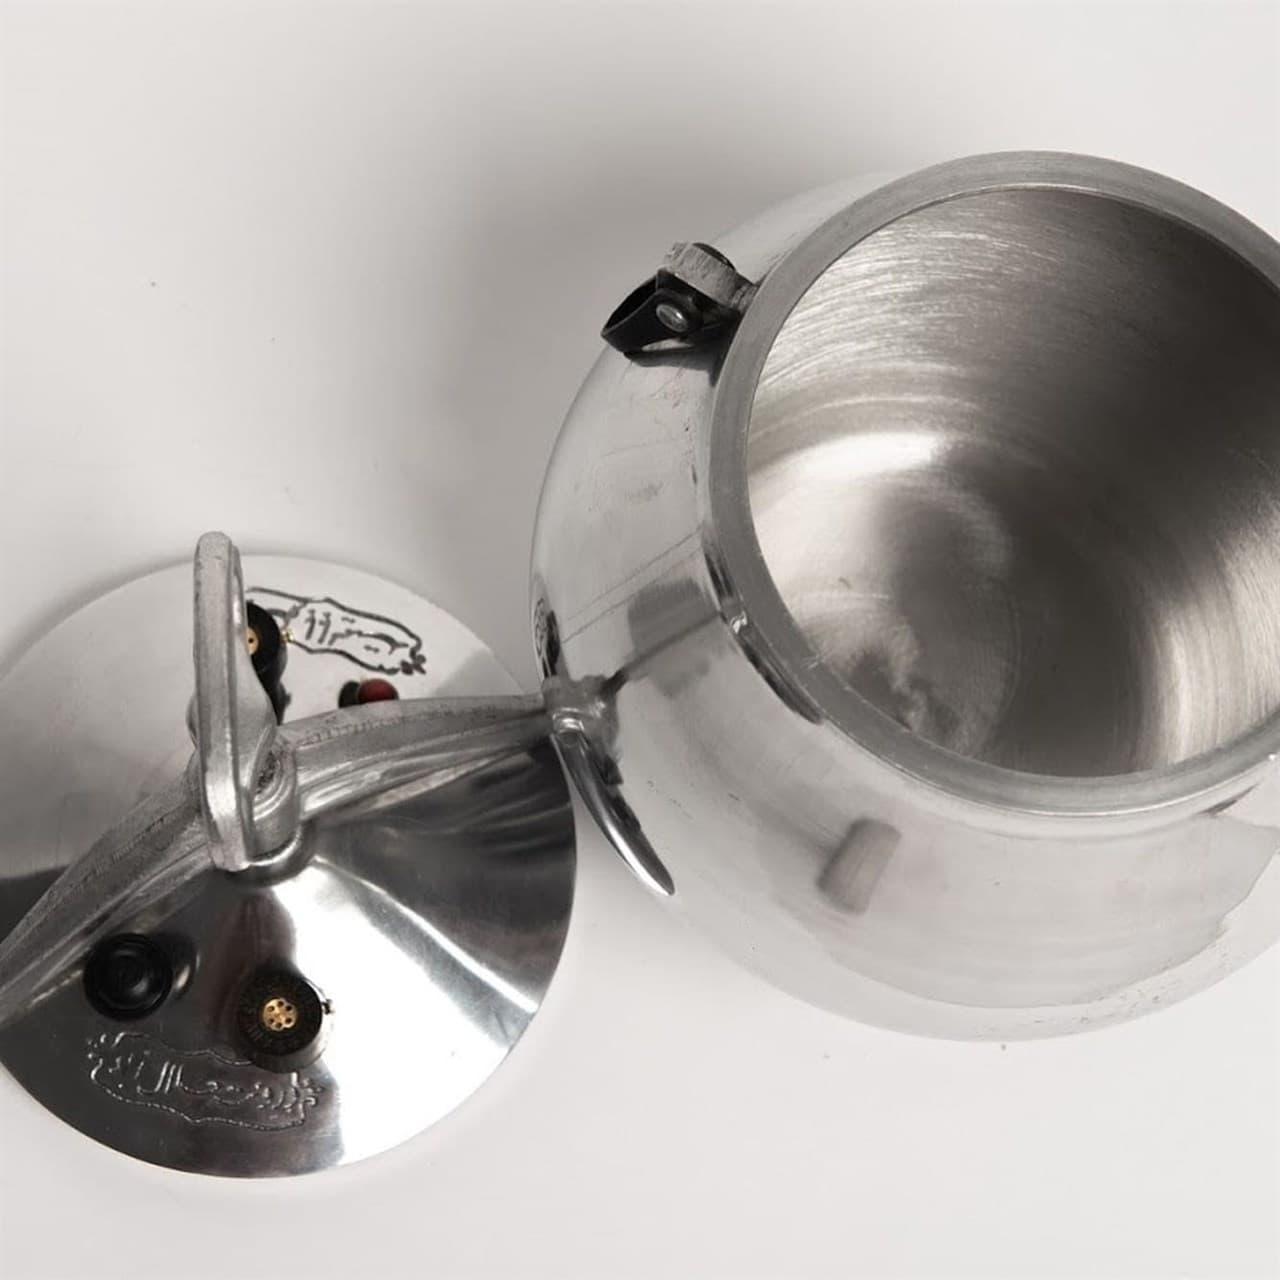 Афганский казан-скороварка 5 литров никелированный, алюминий